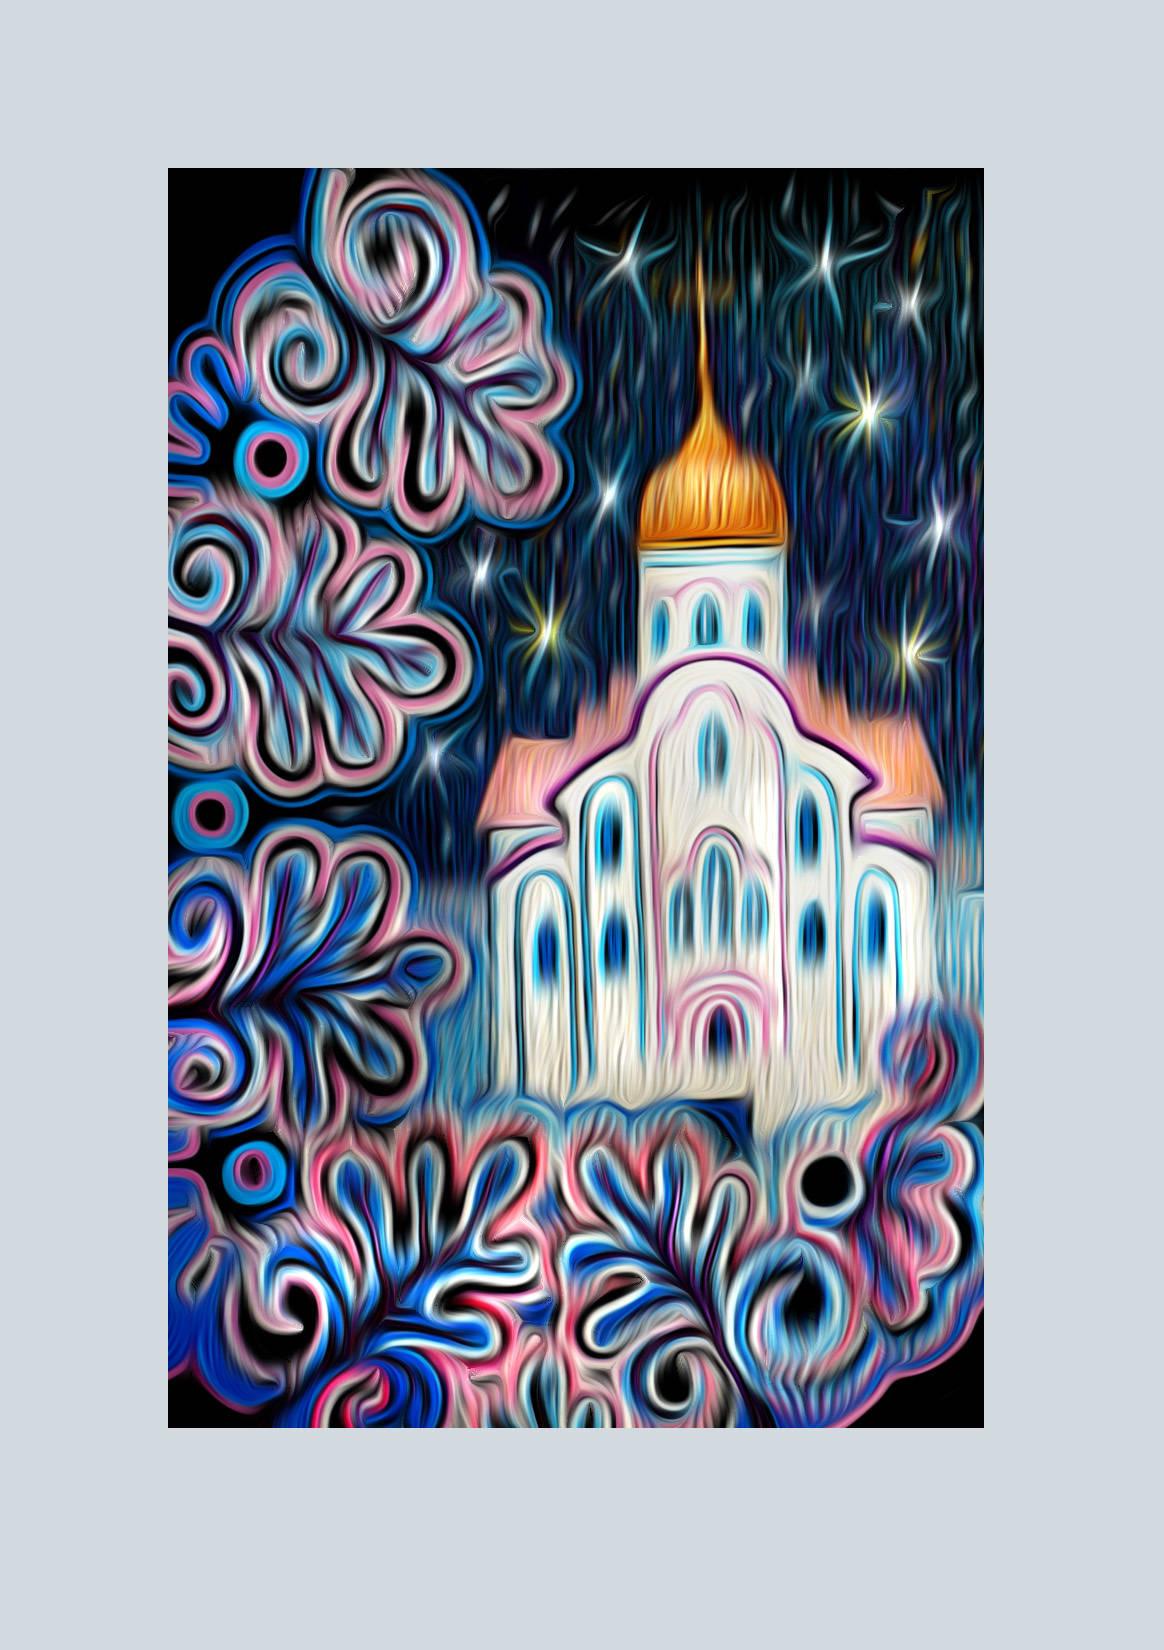 Церковь Андрея Первозванного. Красноярский край, Лесосибирск.